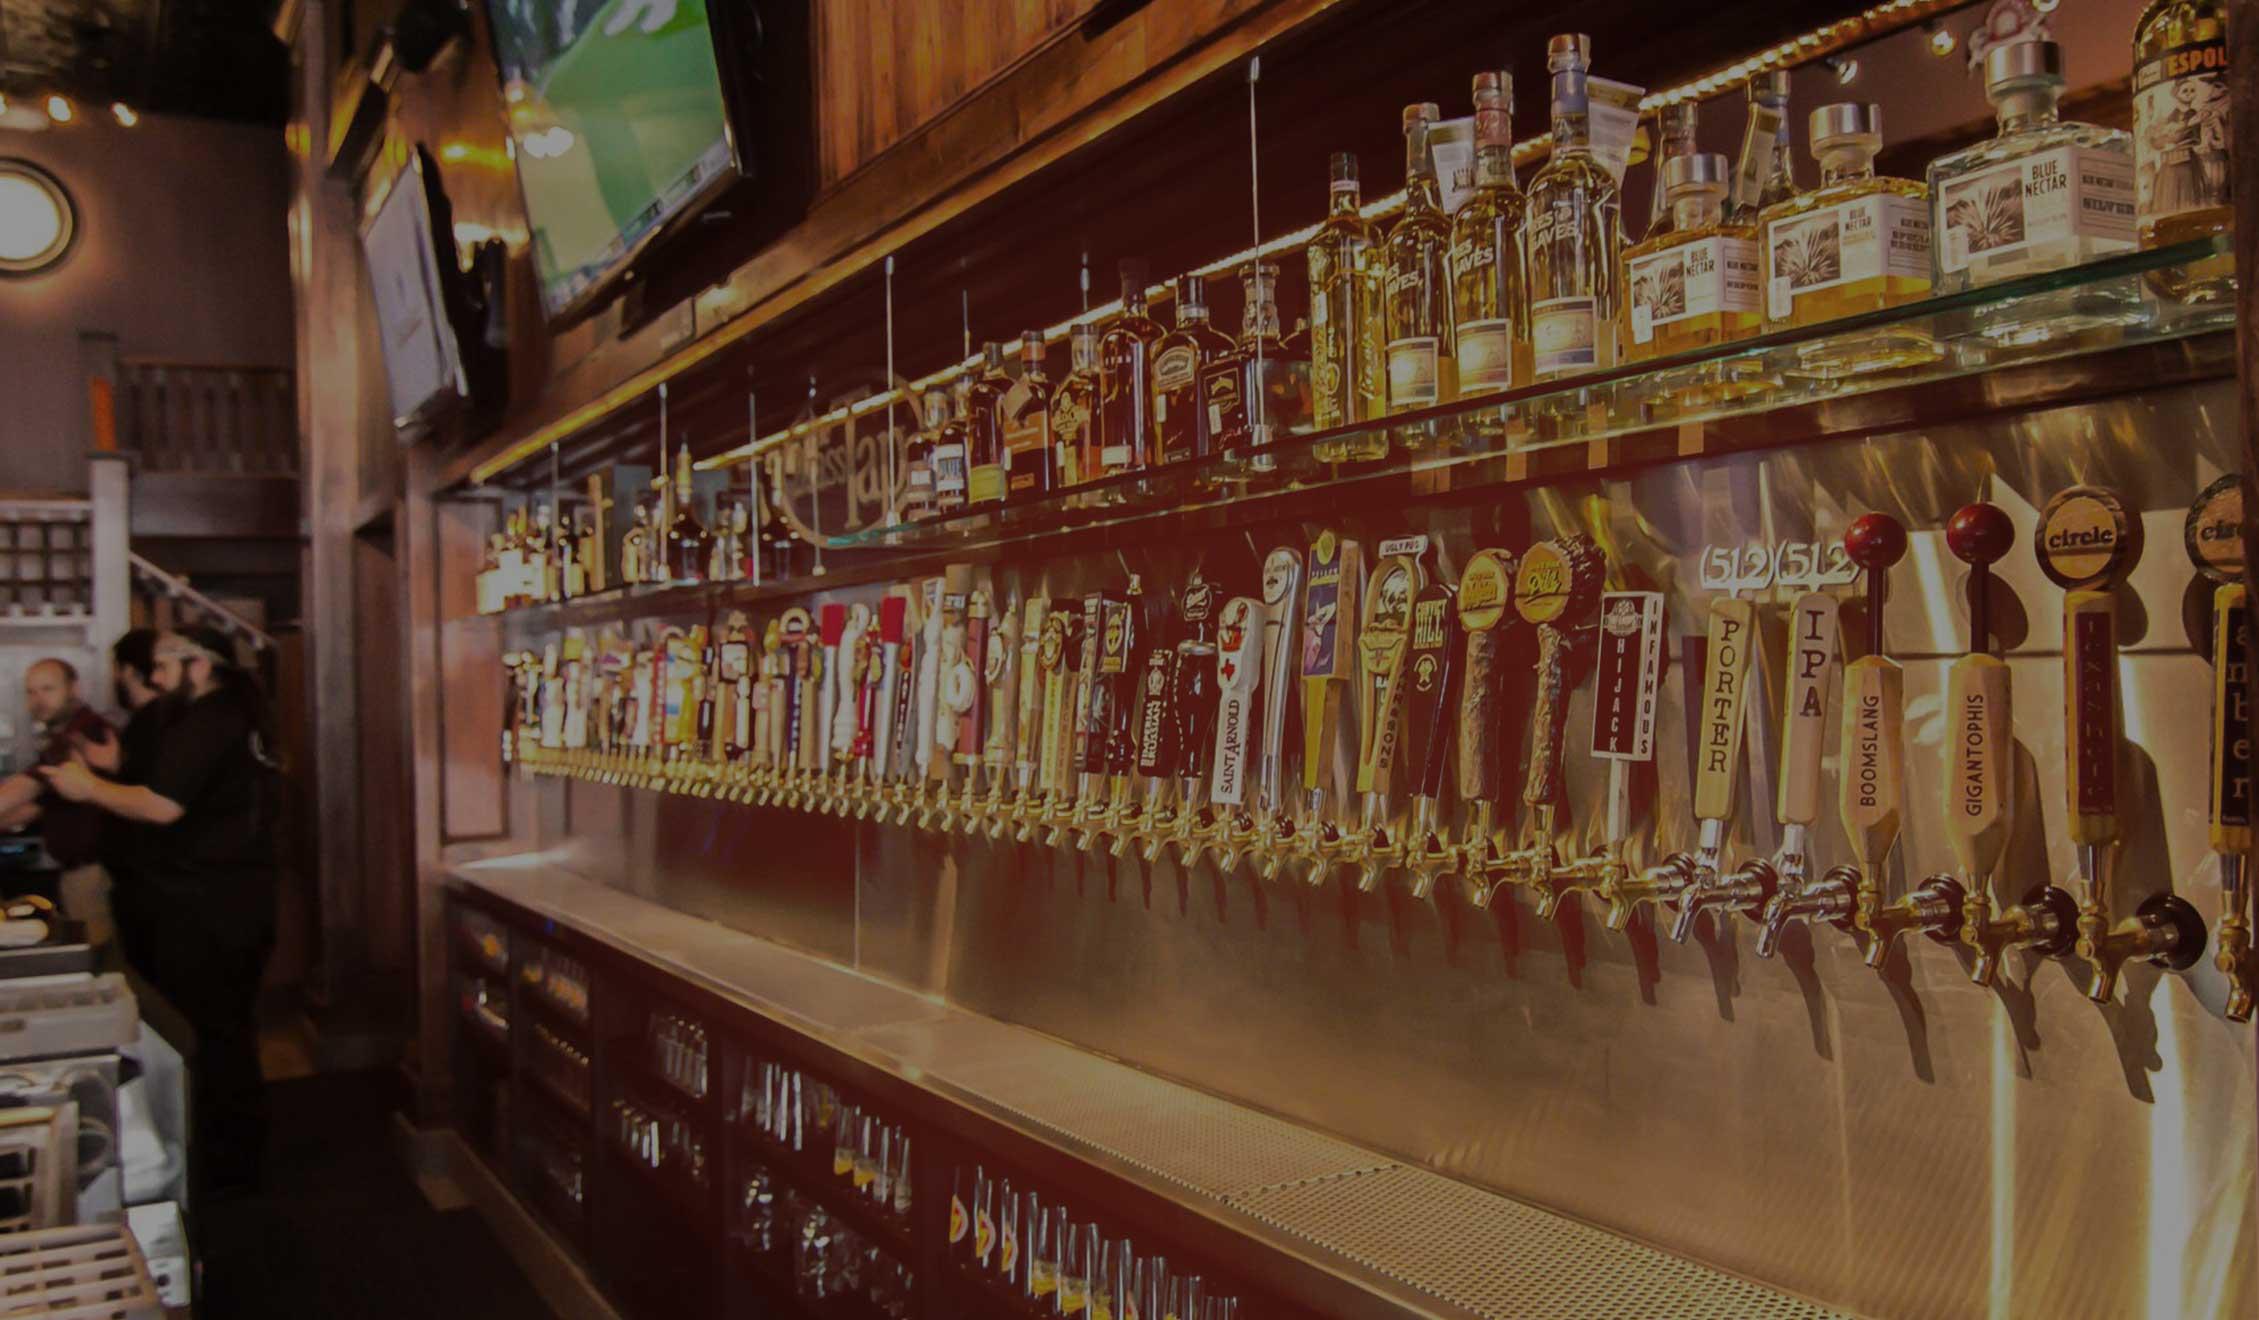 Brass Tap Beer Bar | Craft Beer